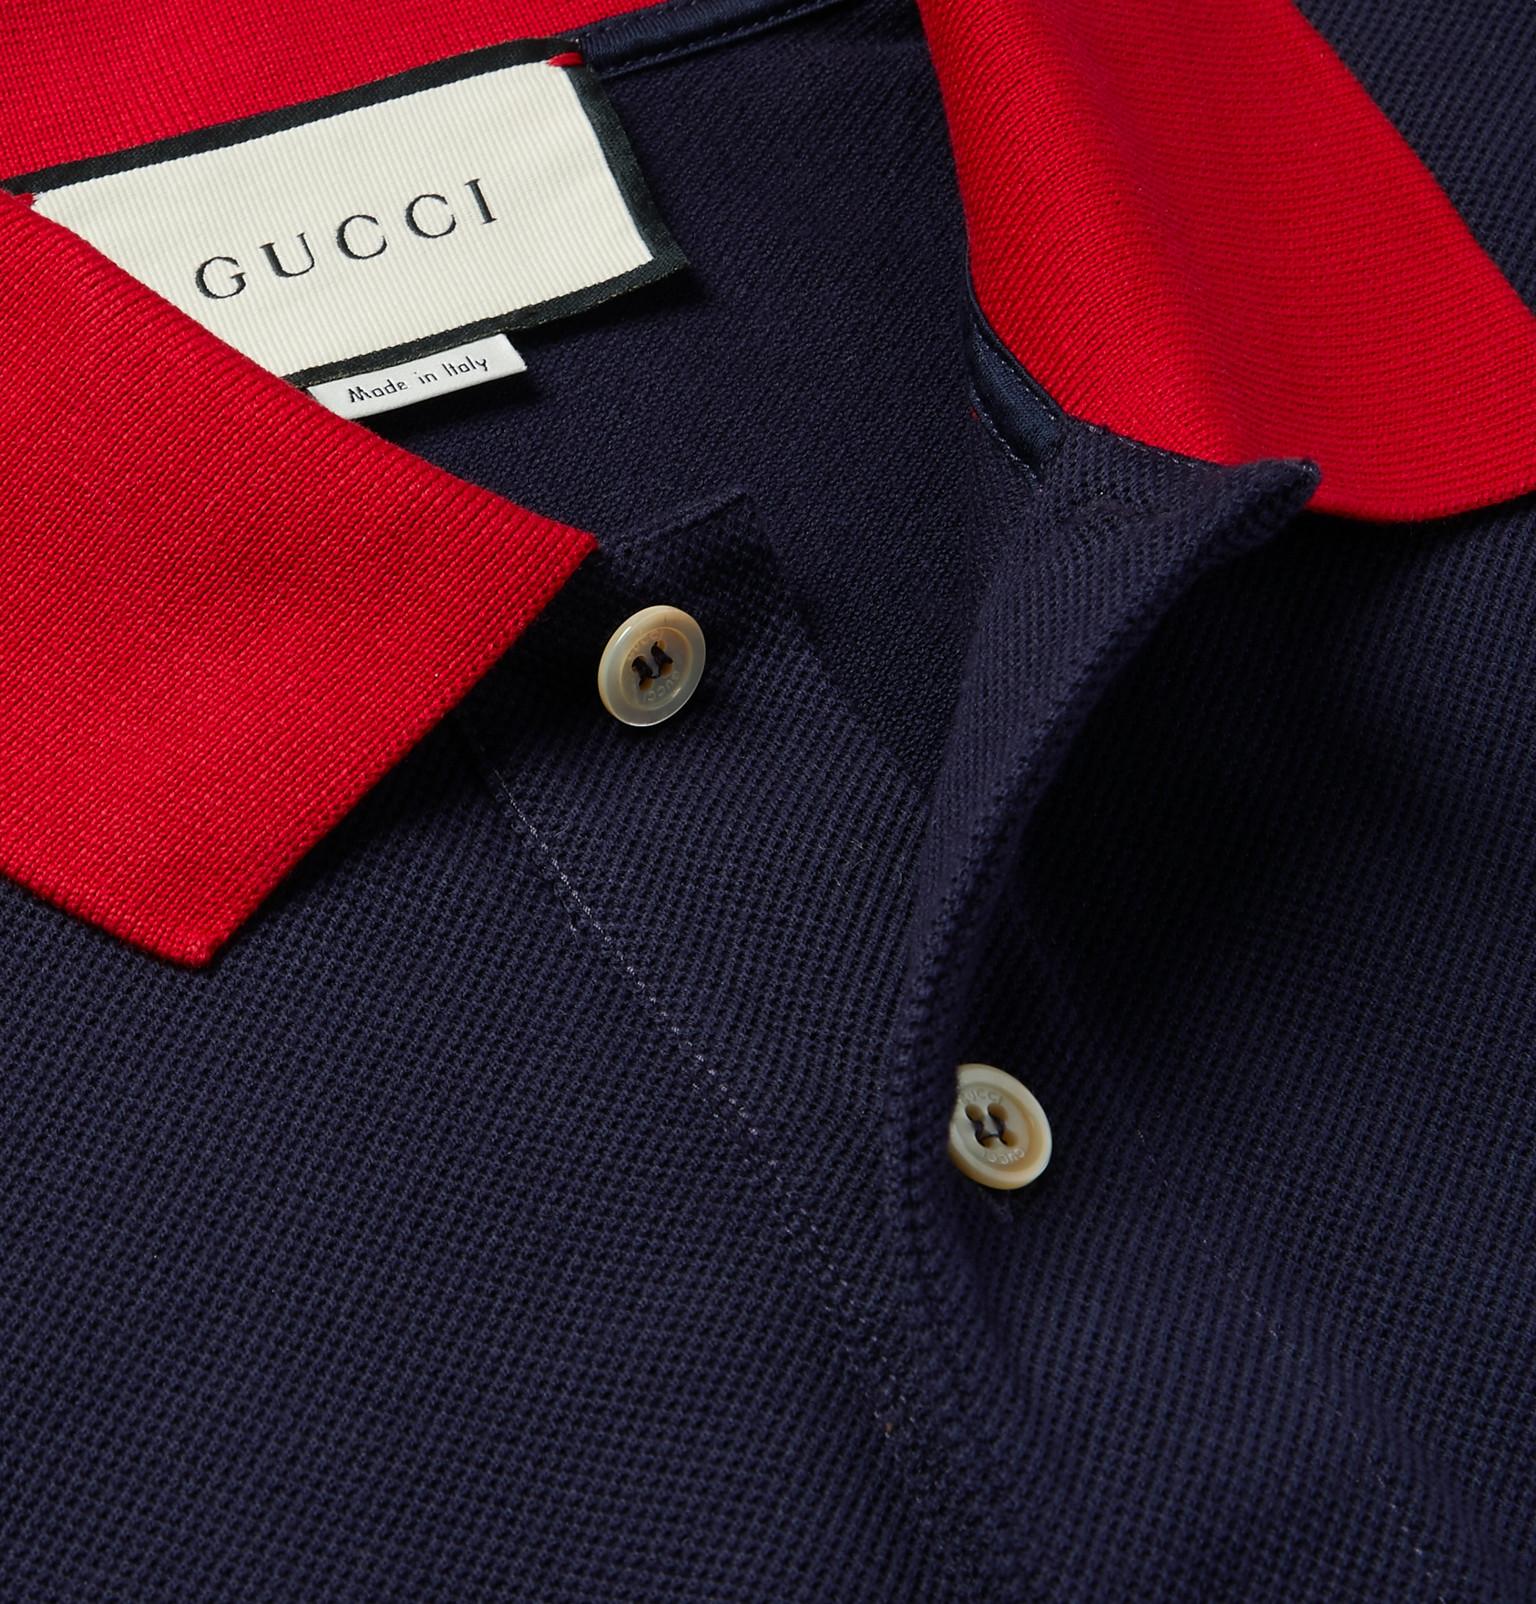 8e3bd74533 Gucci - Logo-Embroidered Stretch-Cotton Piqué Polo Shirt